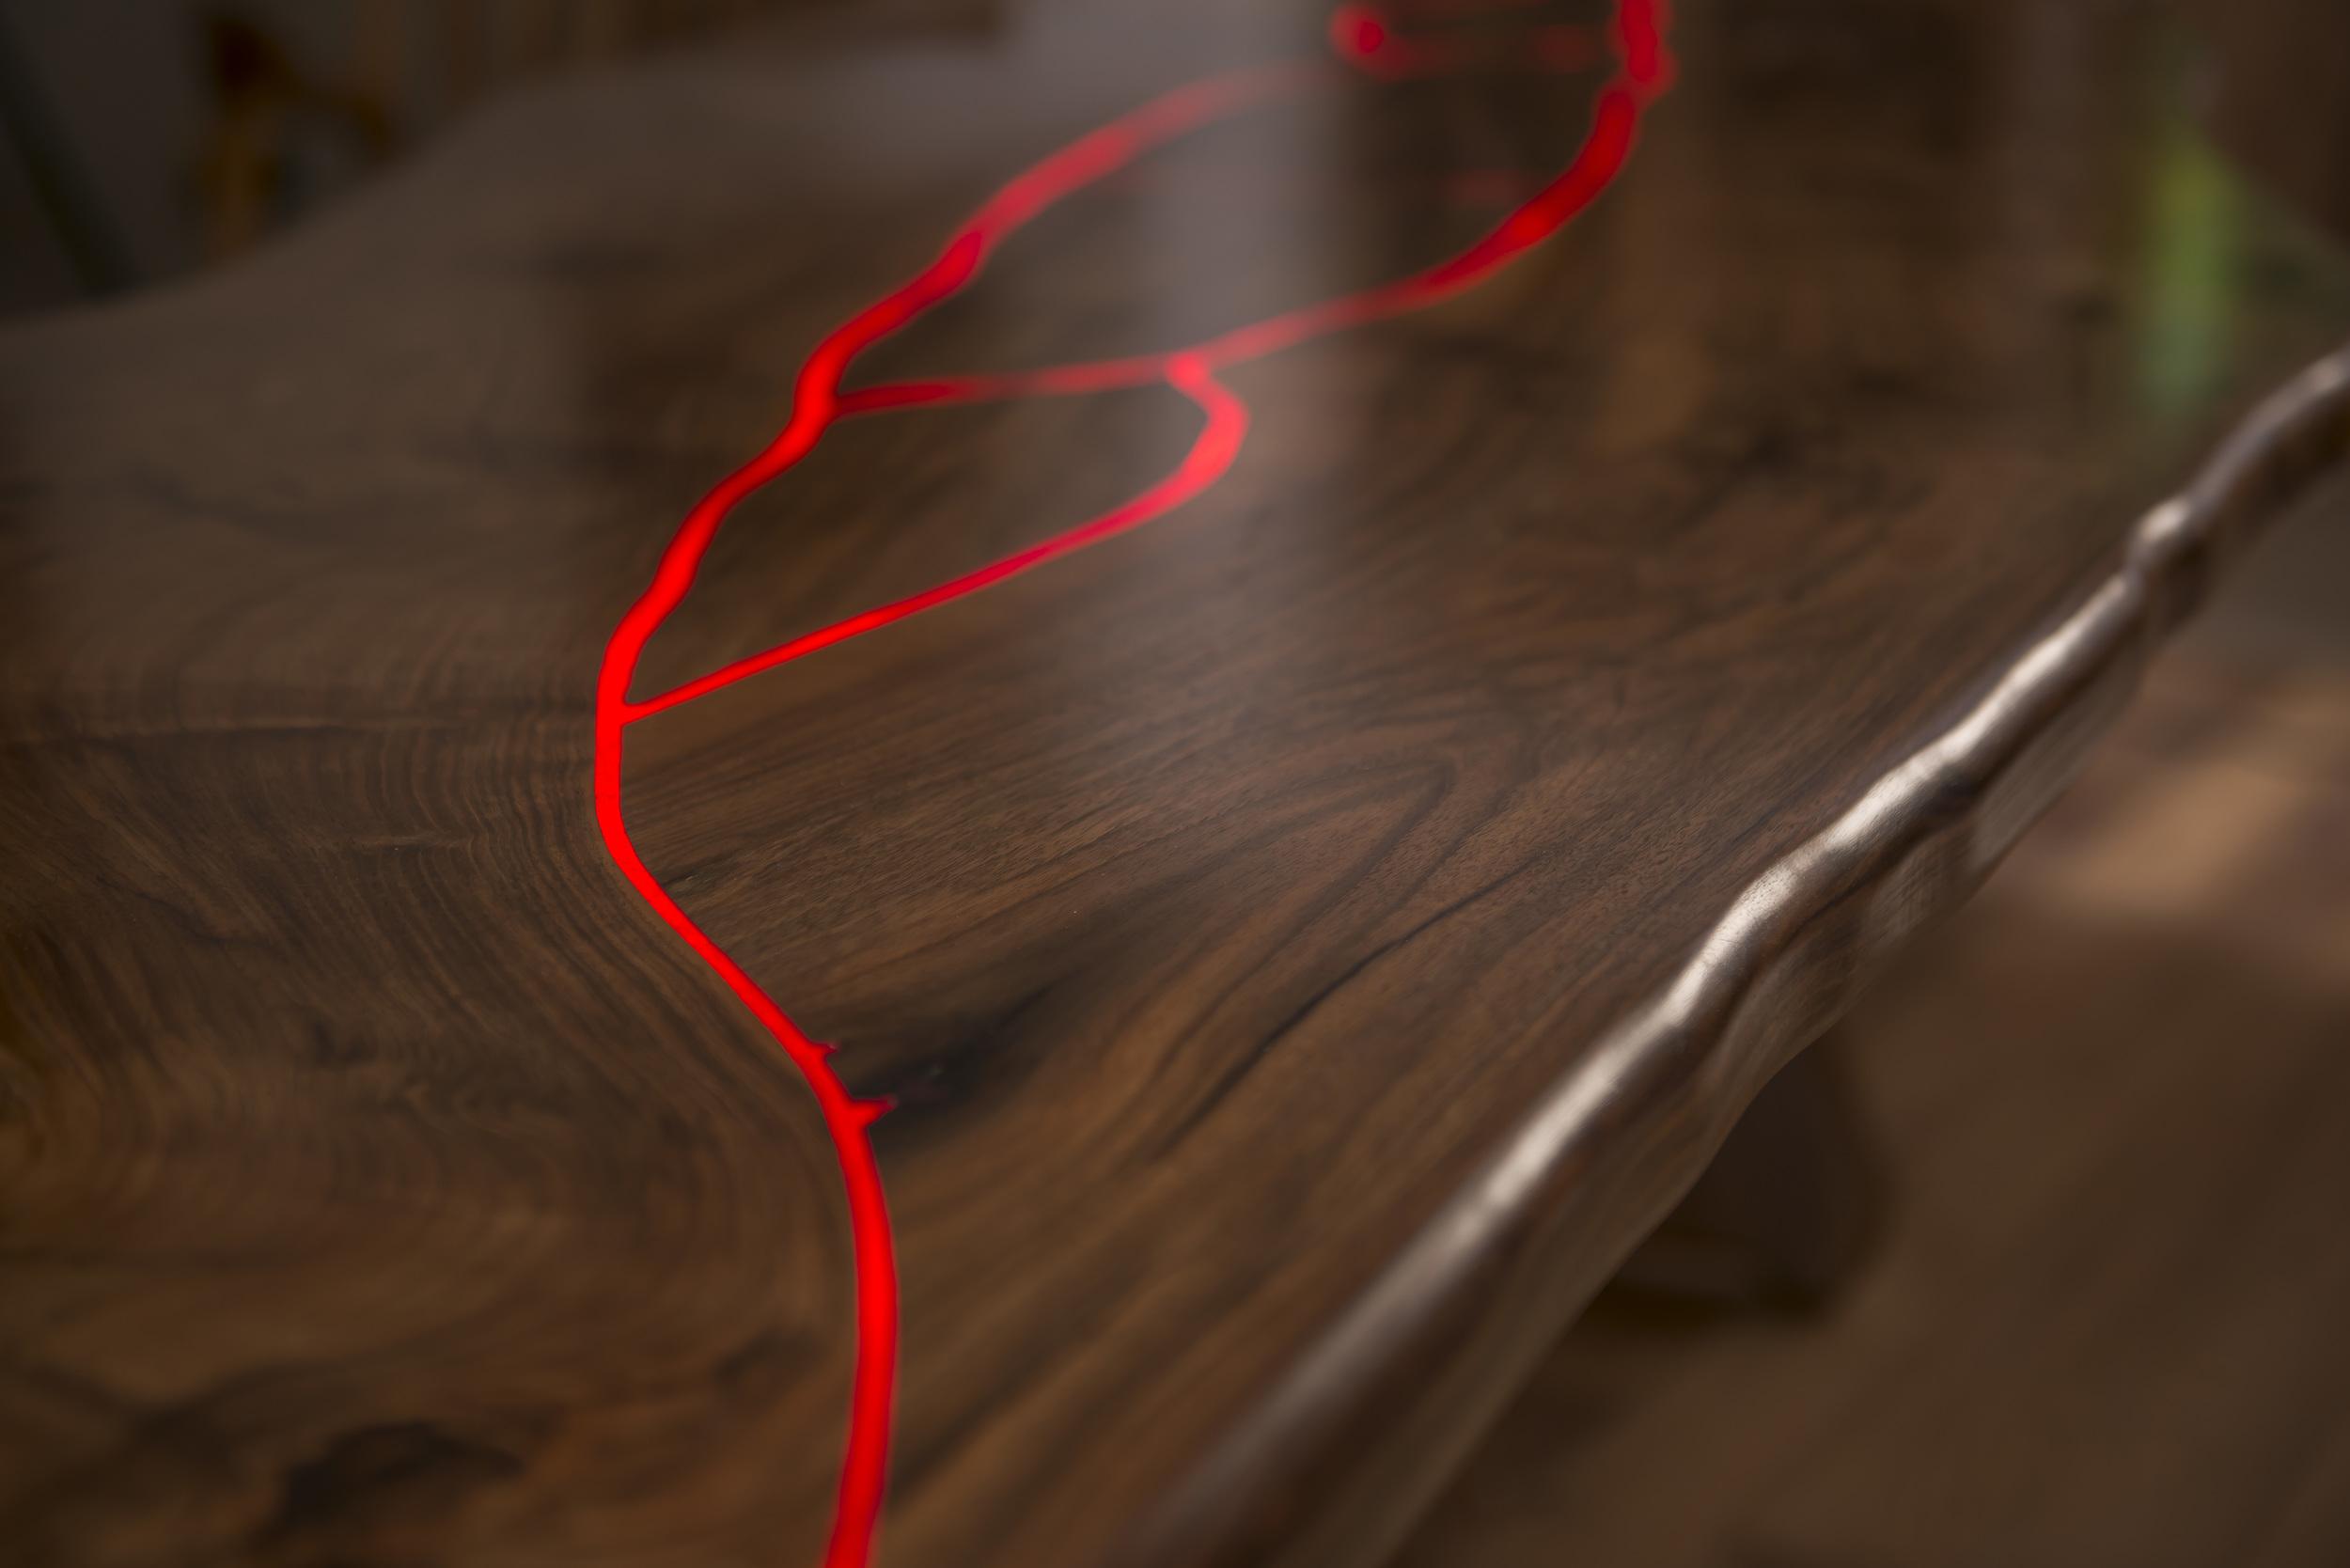 WHR_Auspicious_table-071.jpg